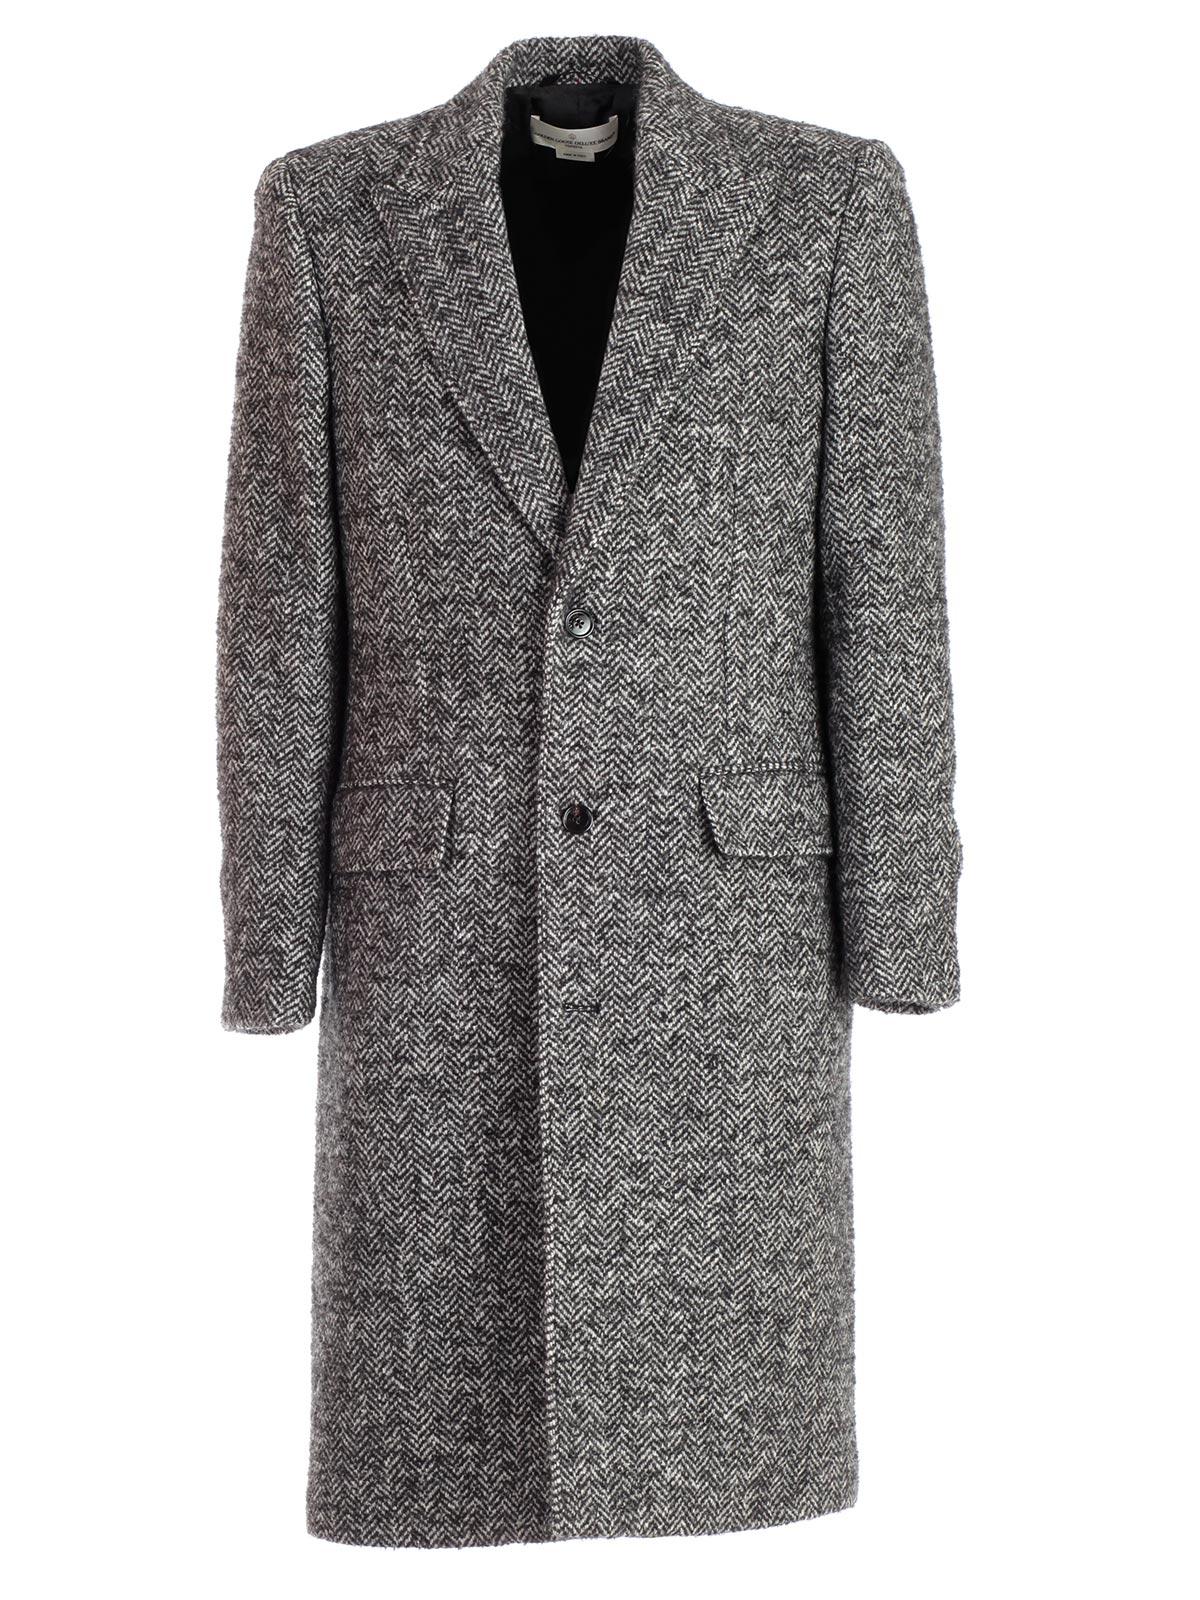 Picture of Golden Goose Deluxe Brand Coat